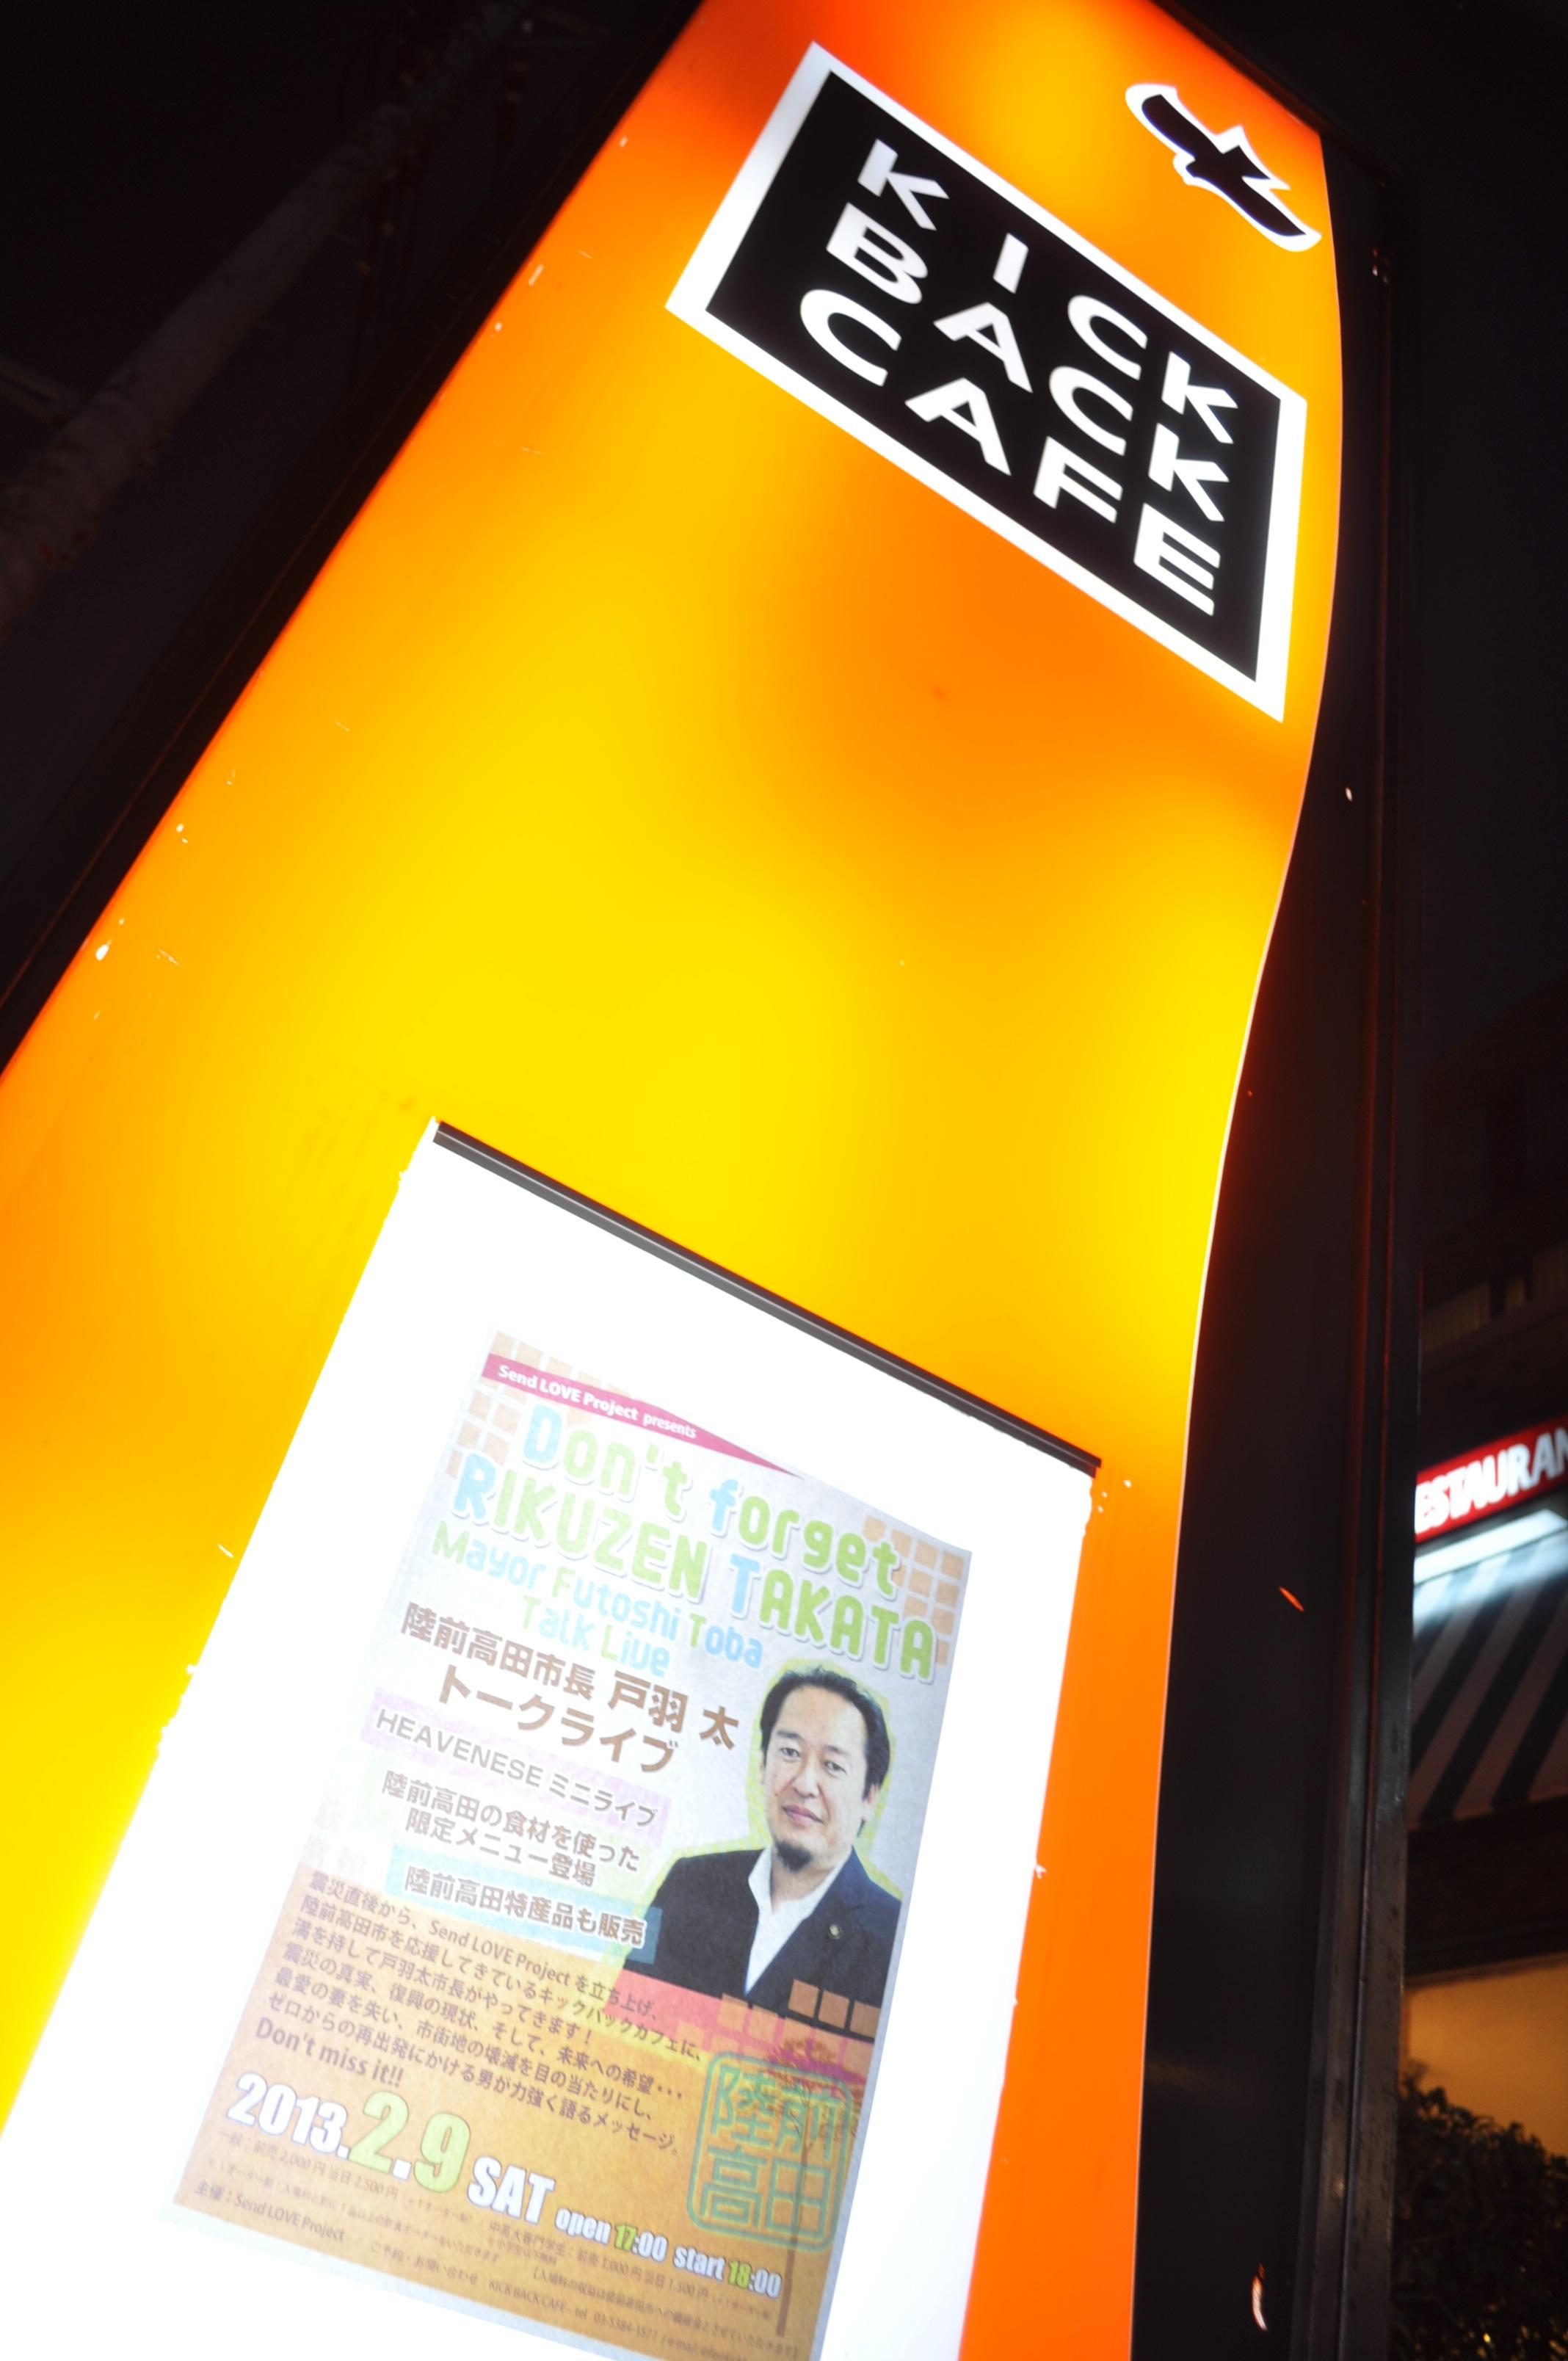 http://www.kickbackcafe.jp/support2/report/DSC_0027.JPG